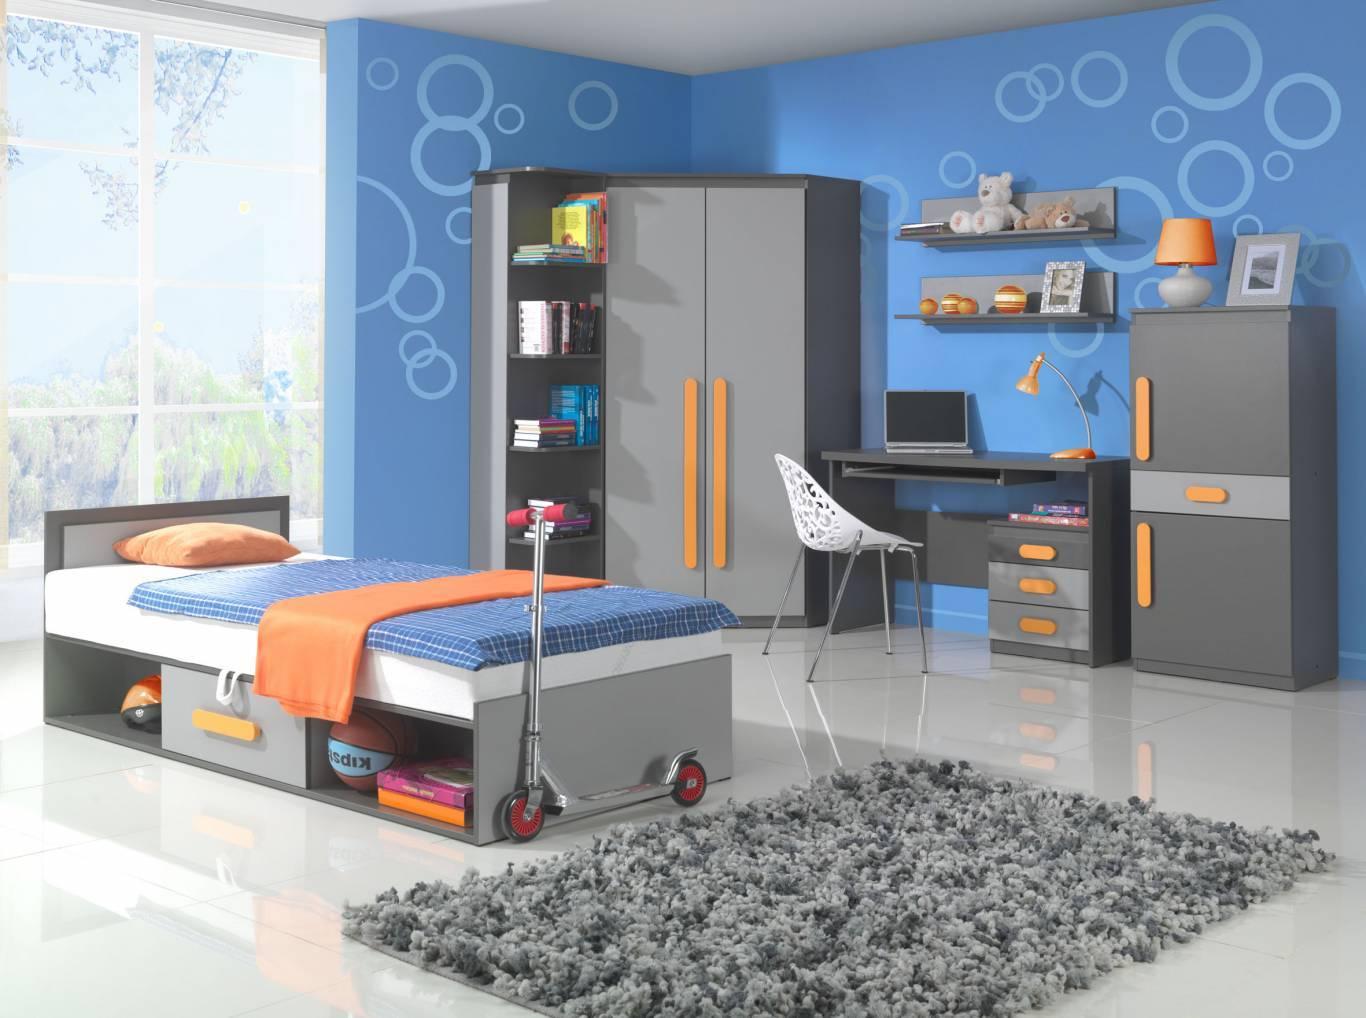 ed n bytek do d tsk ho pokoje s v razn mi oran ov mi. Black Bedroom Furniture Sets. Home Design Ideas